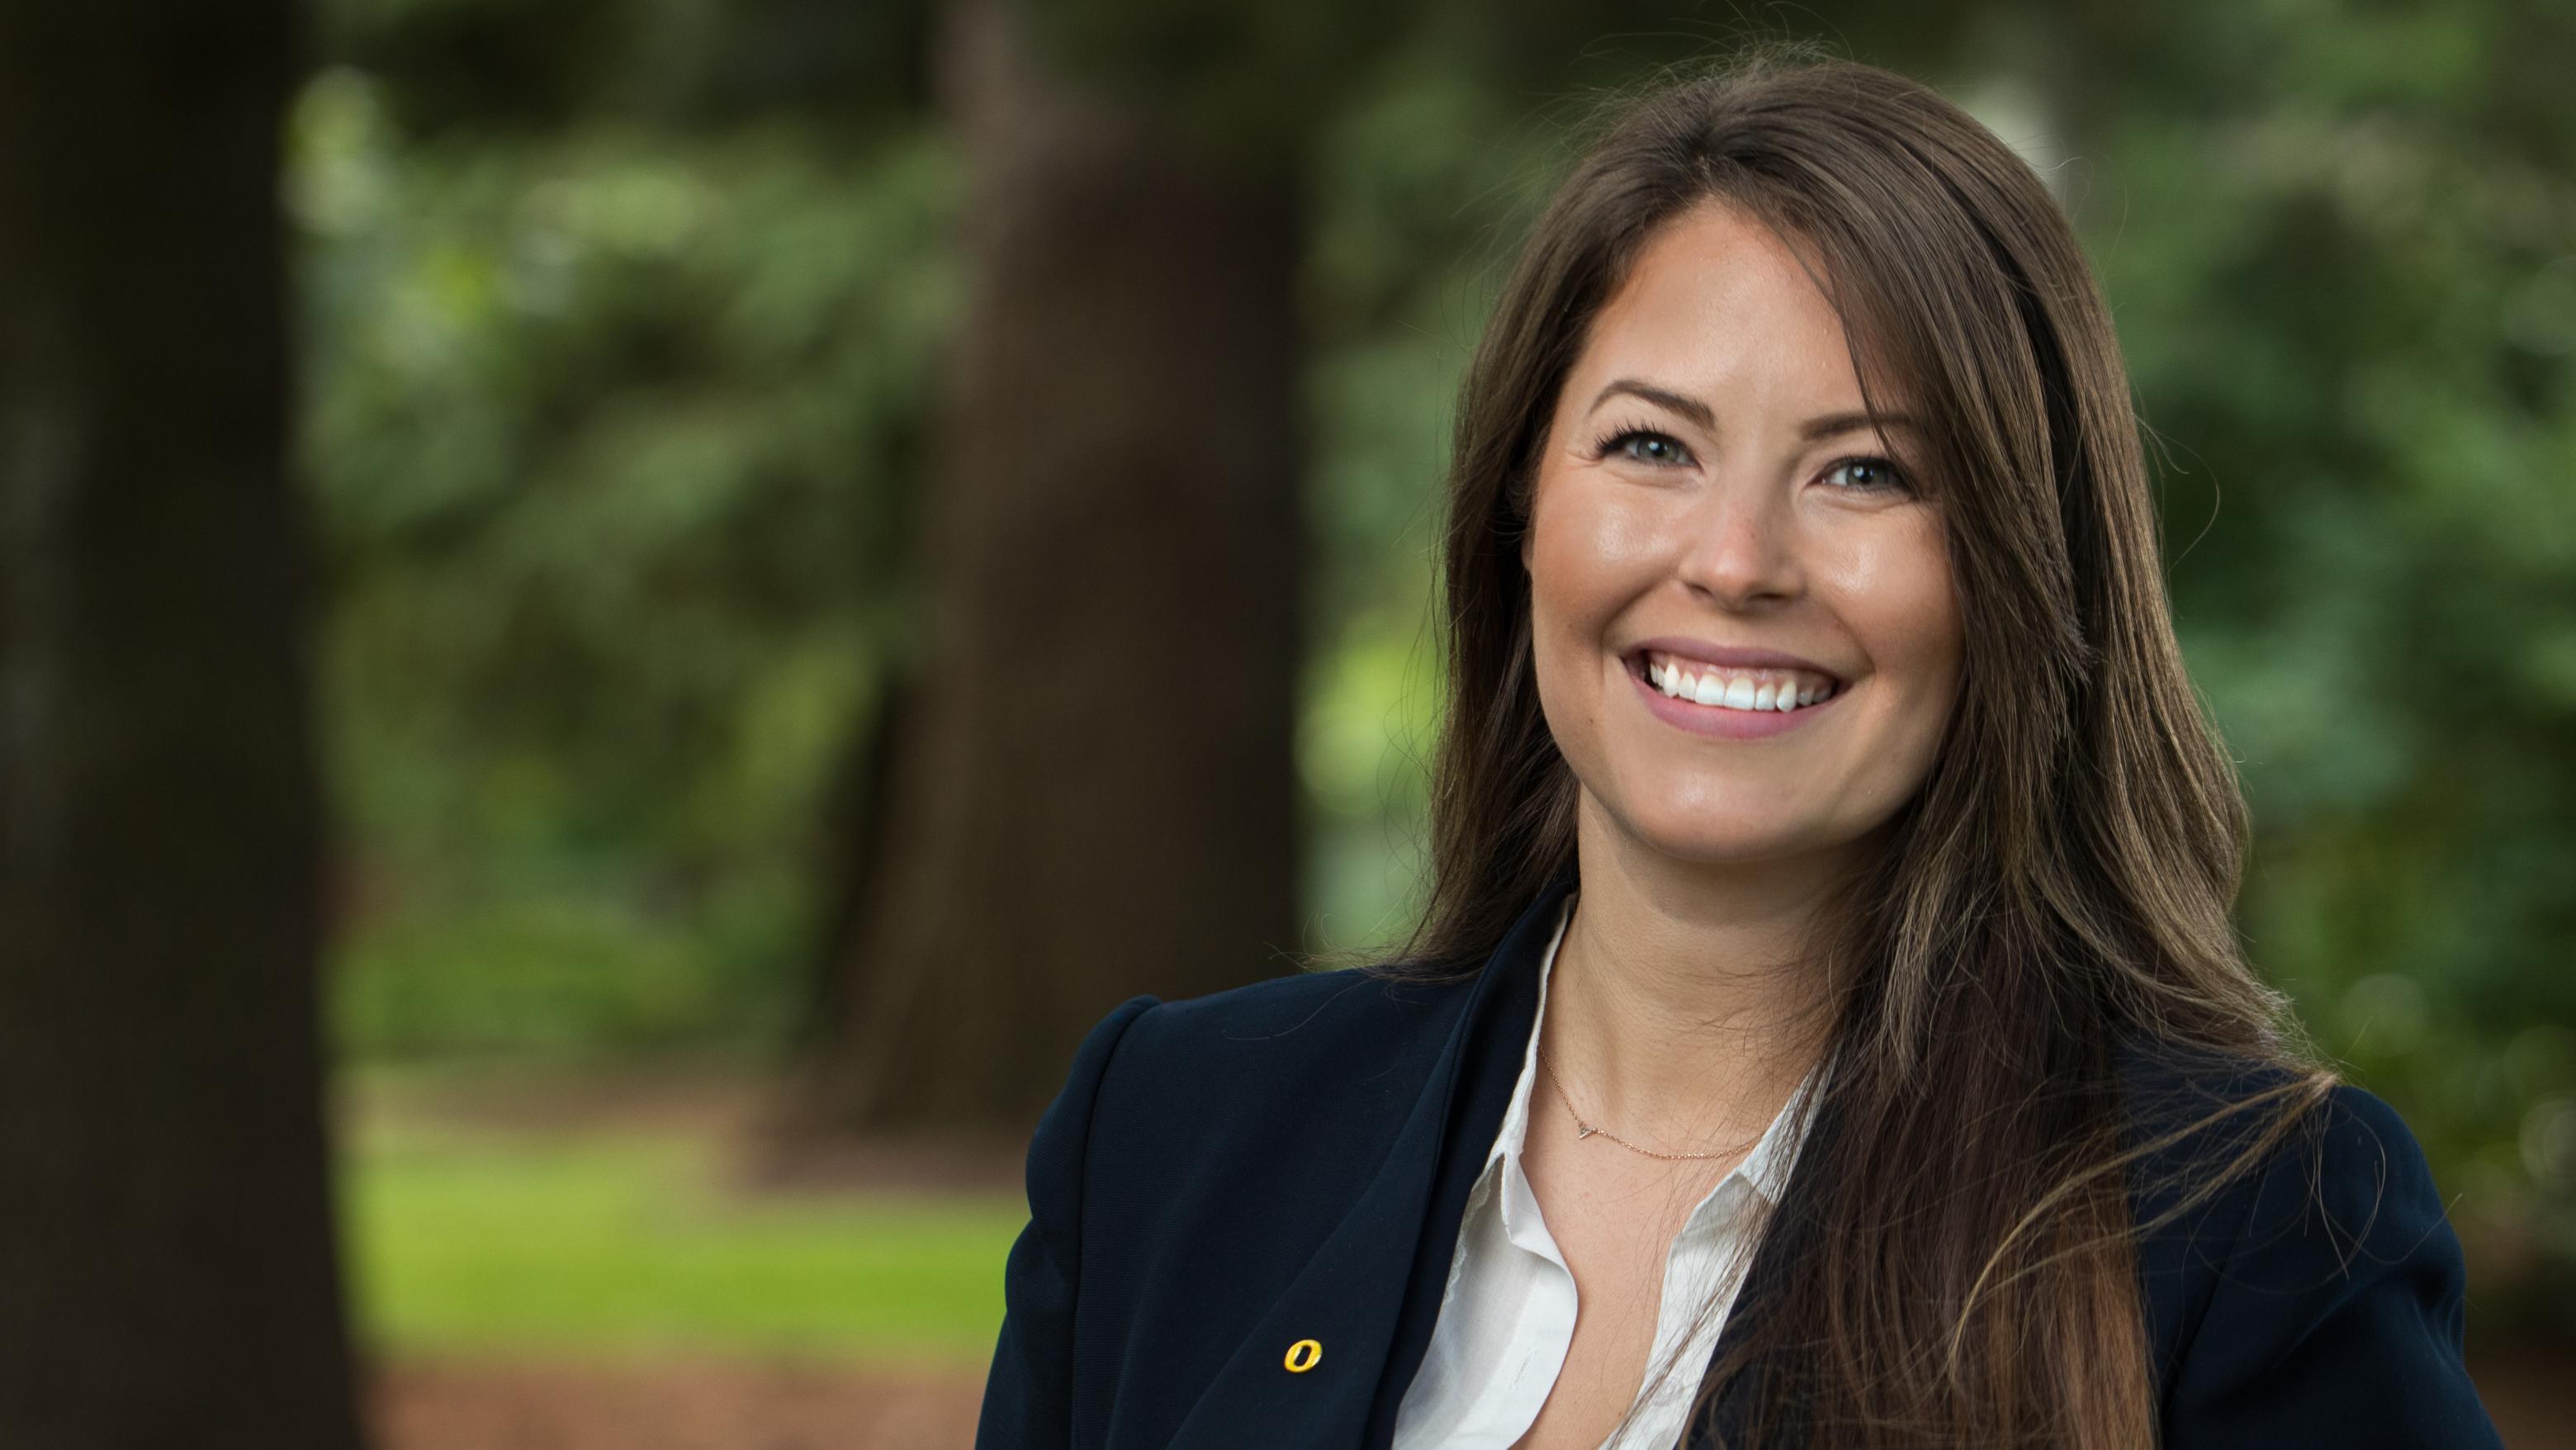 Katie Bumgardner